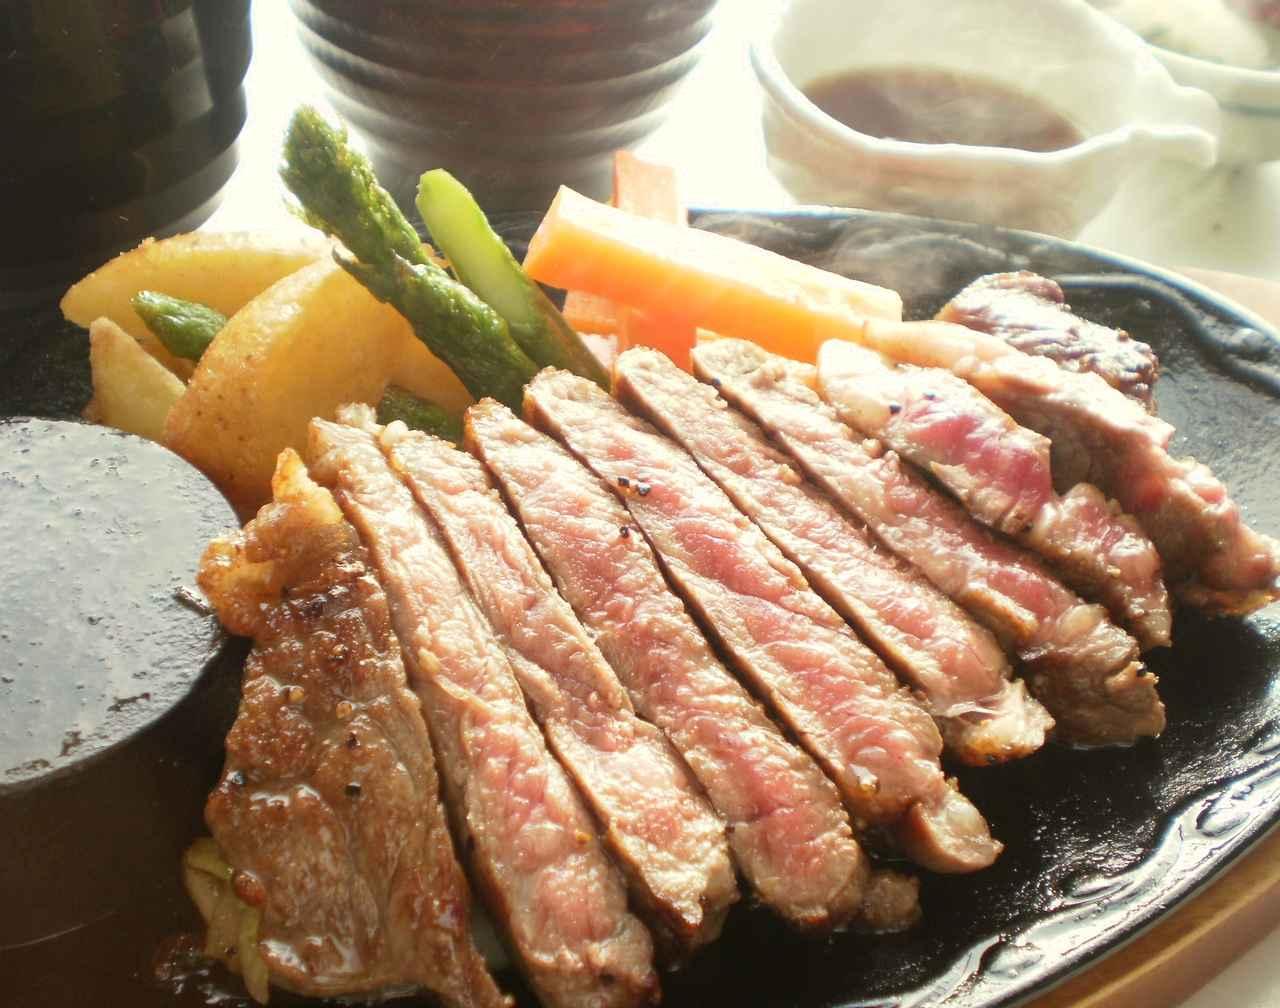 画像: 樽前カントリークラブ アンガス牛鉄板ステーキ 2,052円(本体1,900円+税) 赤身の美味しさを熱々の鉄板で